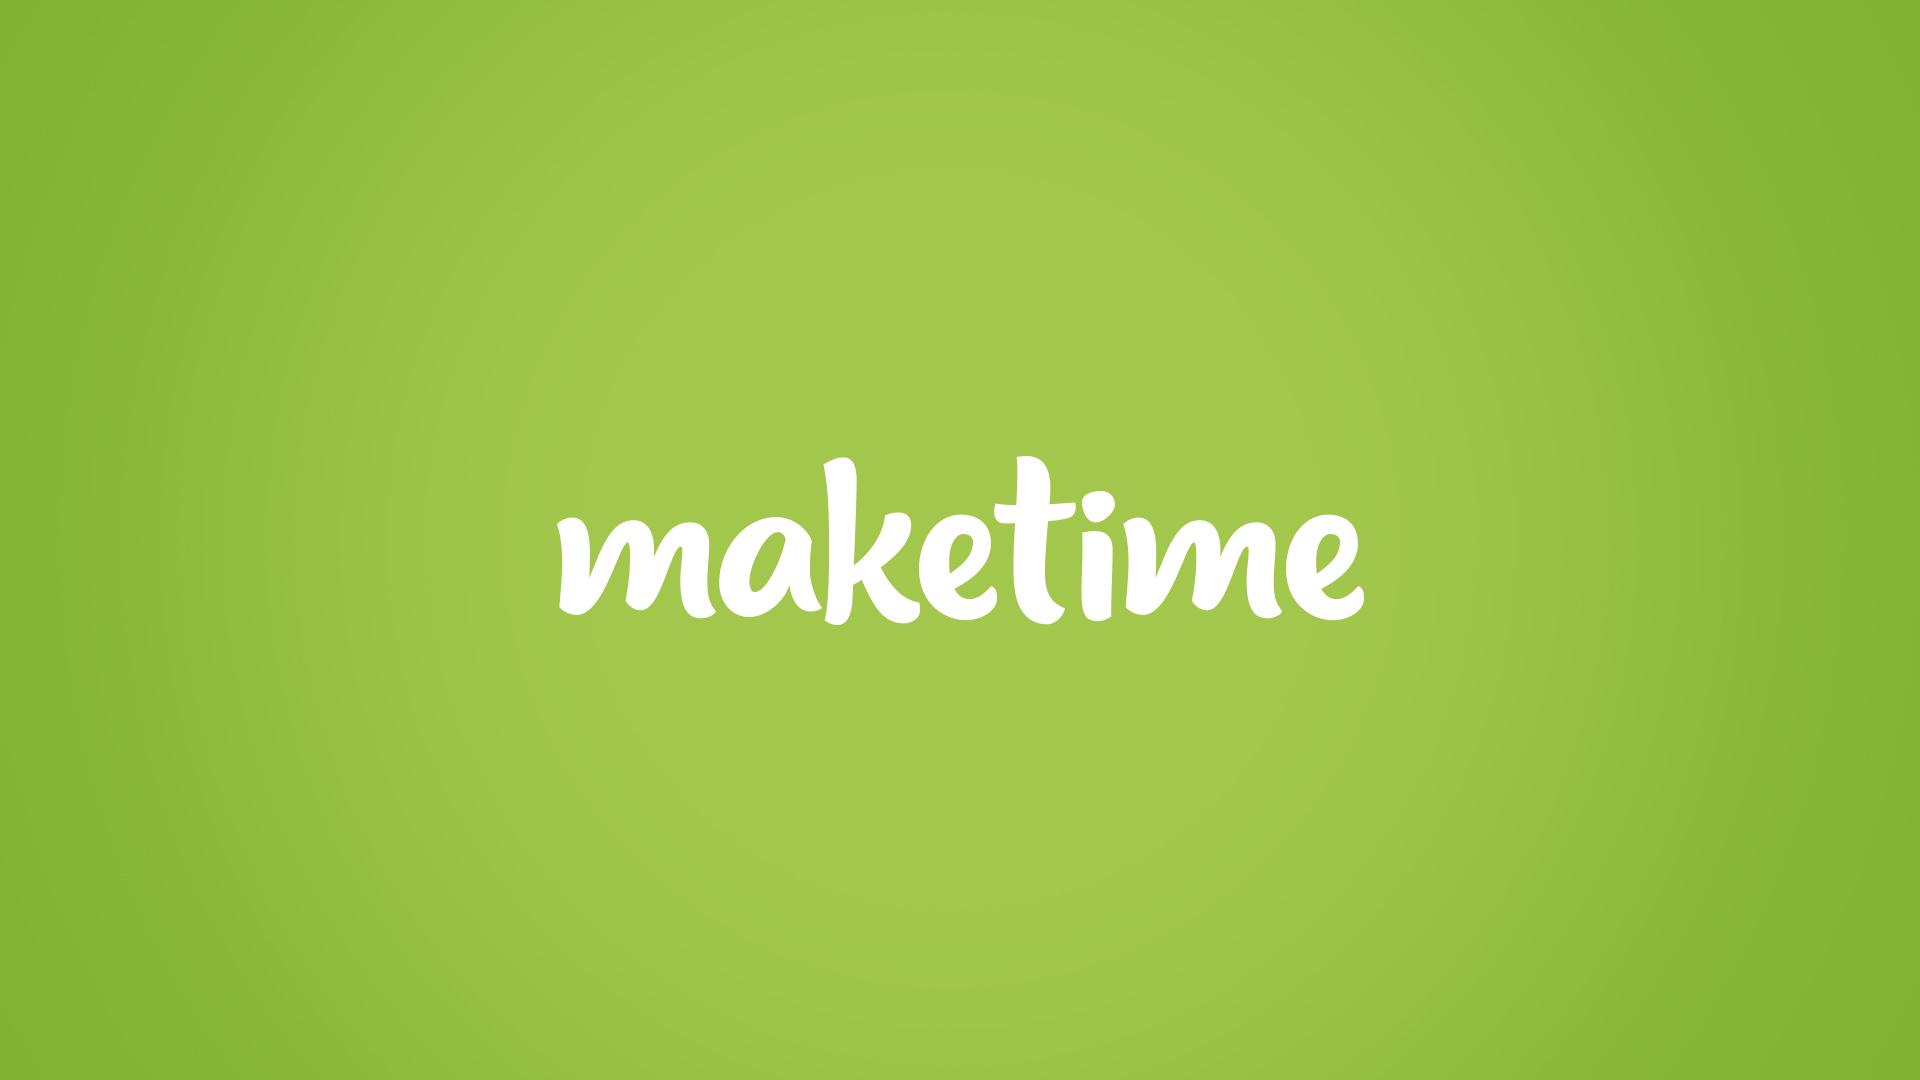 maketime branding